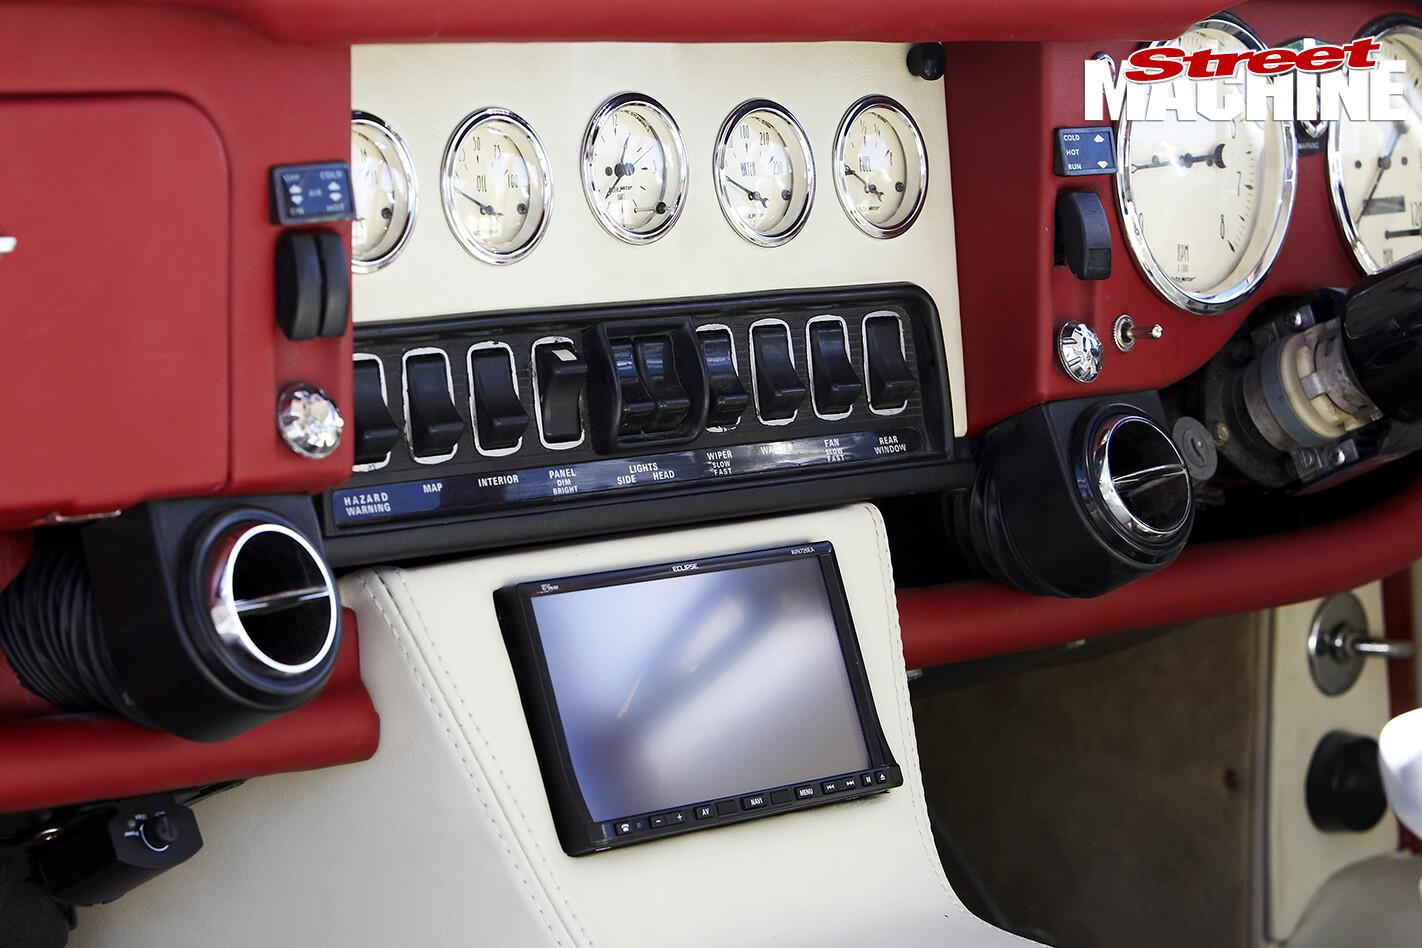 E-type -Jaguar -gauges